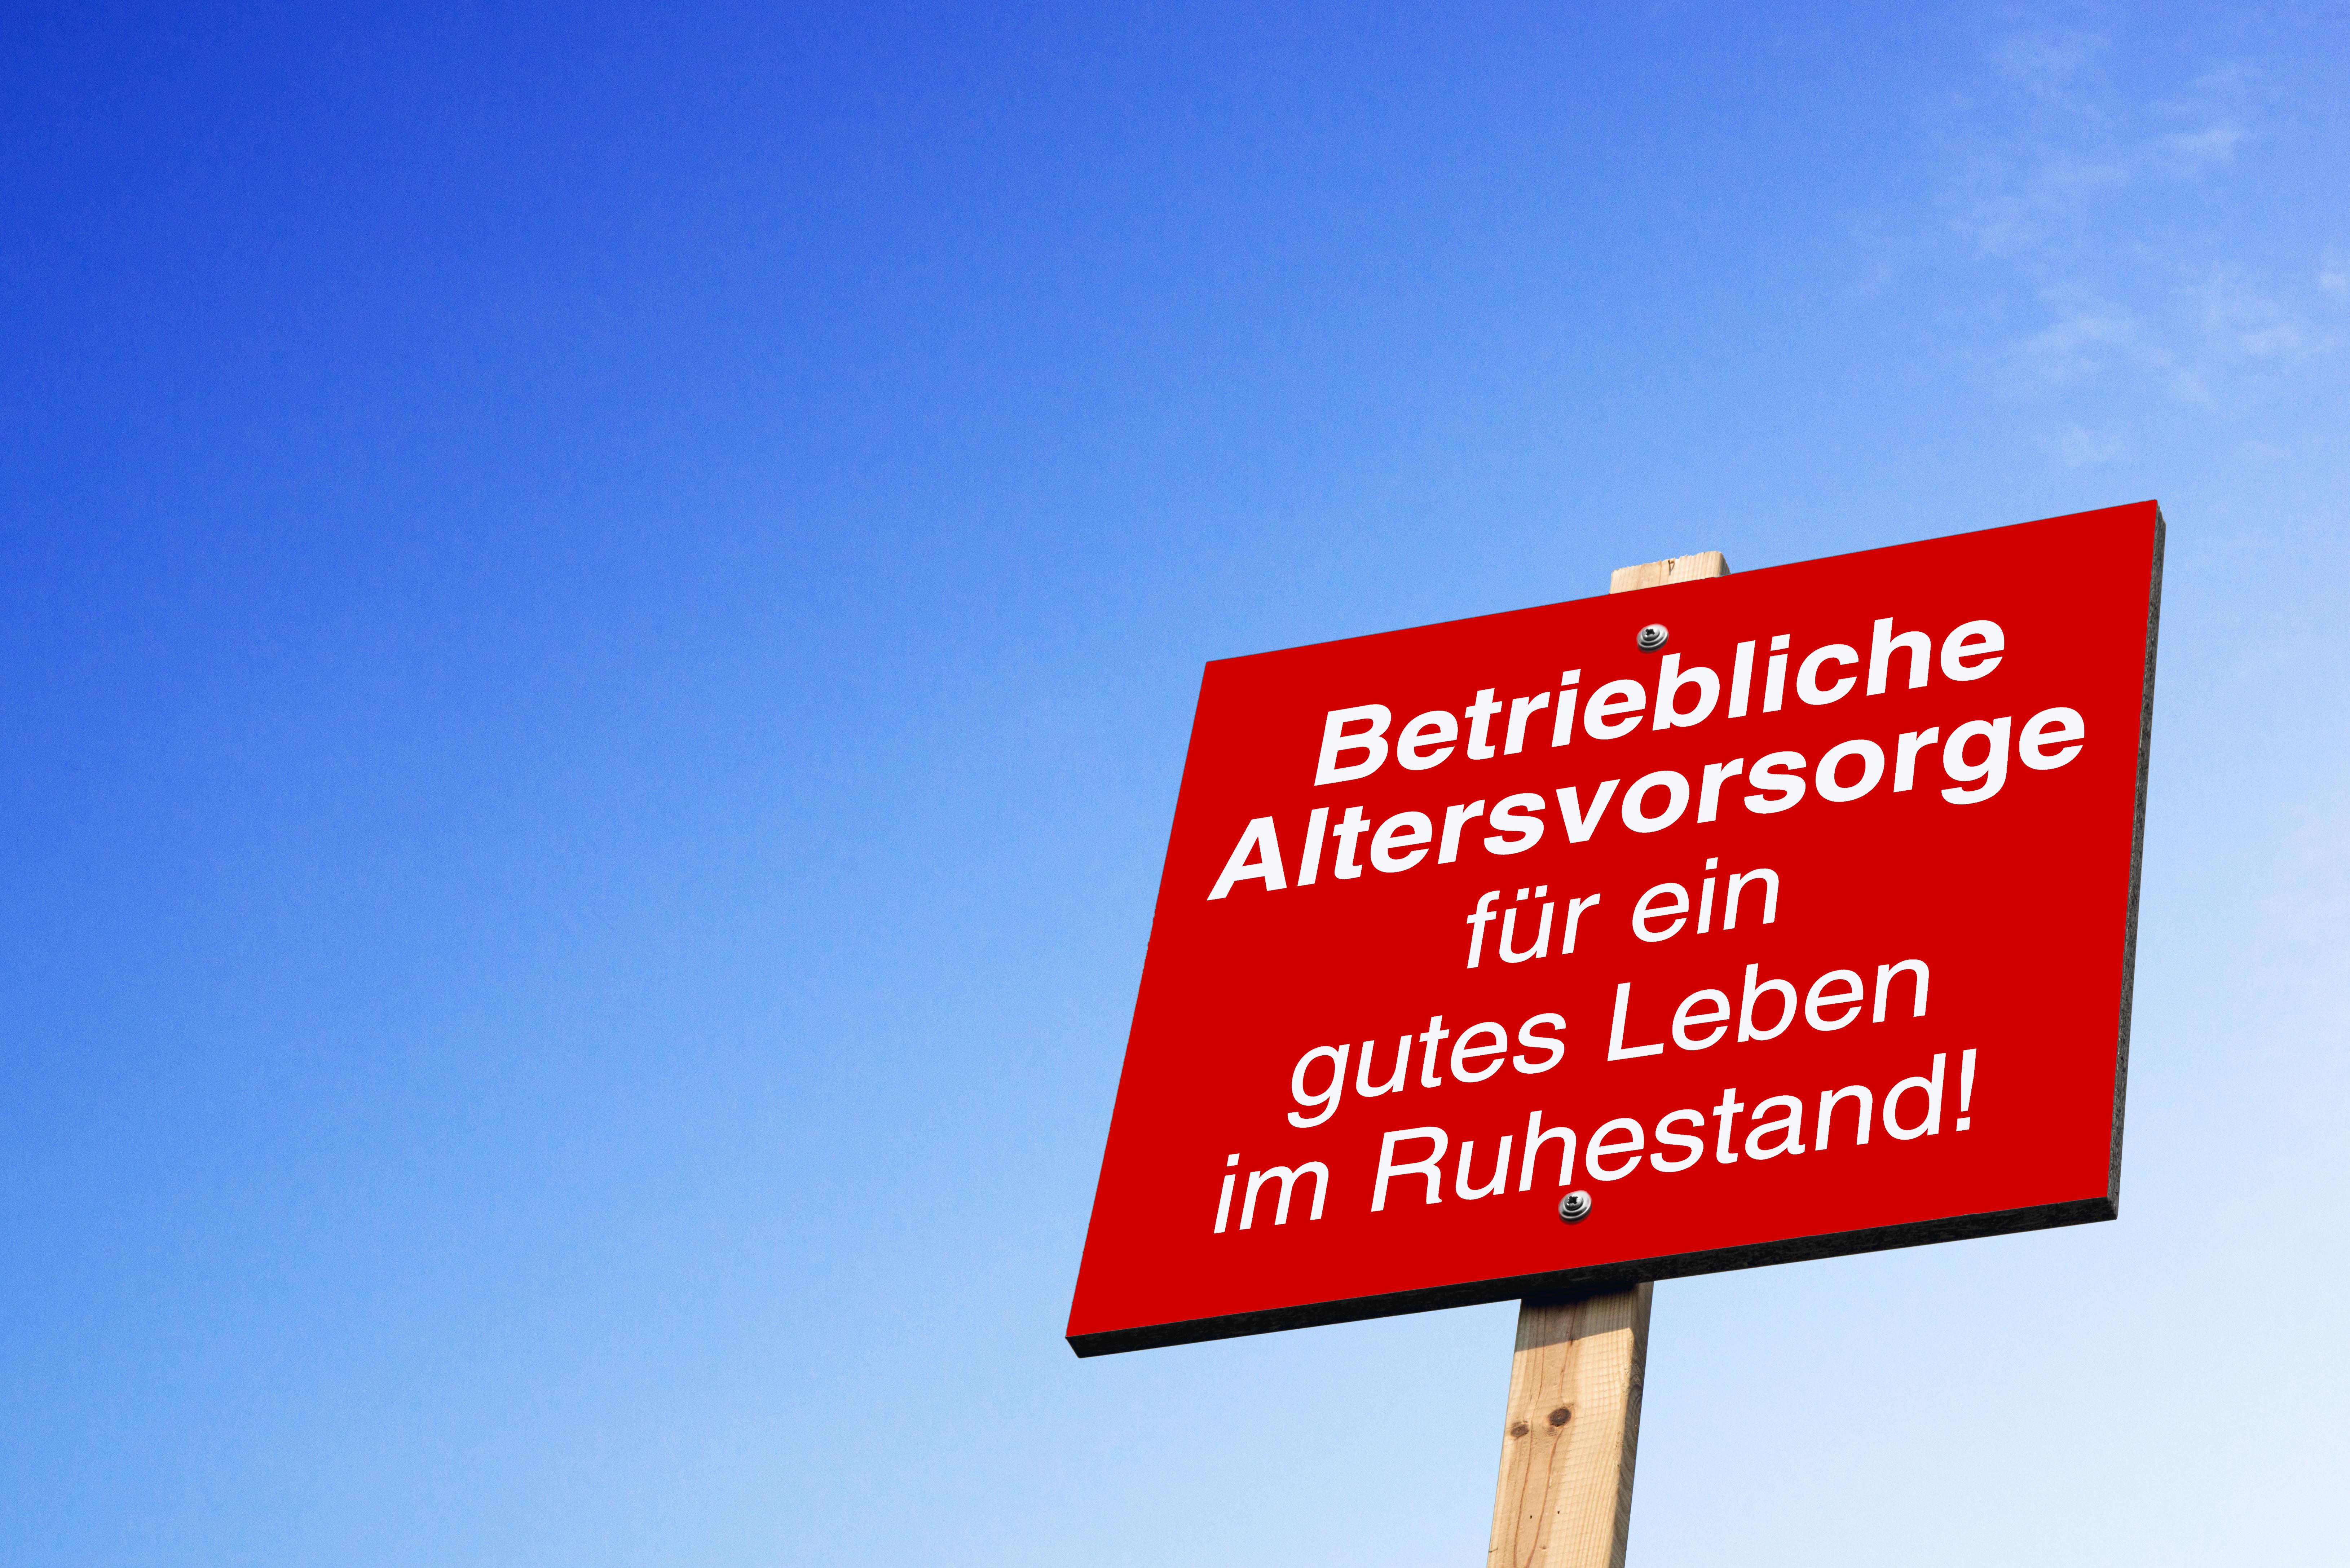 maxpool und die Alte Leipziger: So lohnt sich bAV richtig!